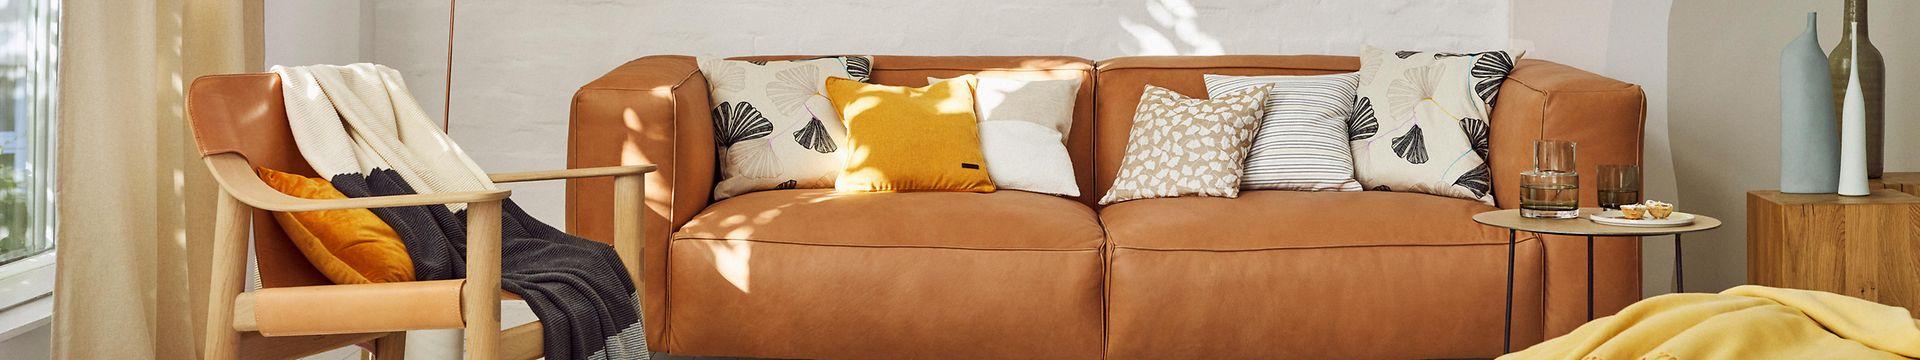 112021 - Home - Livingroom - TC Banner - IMG